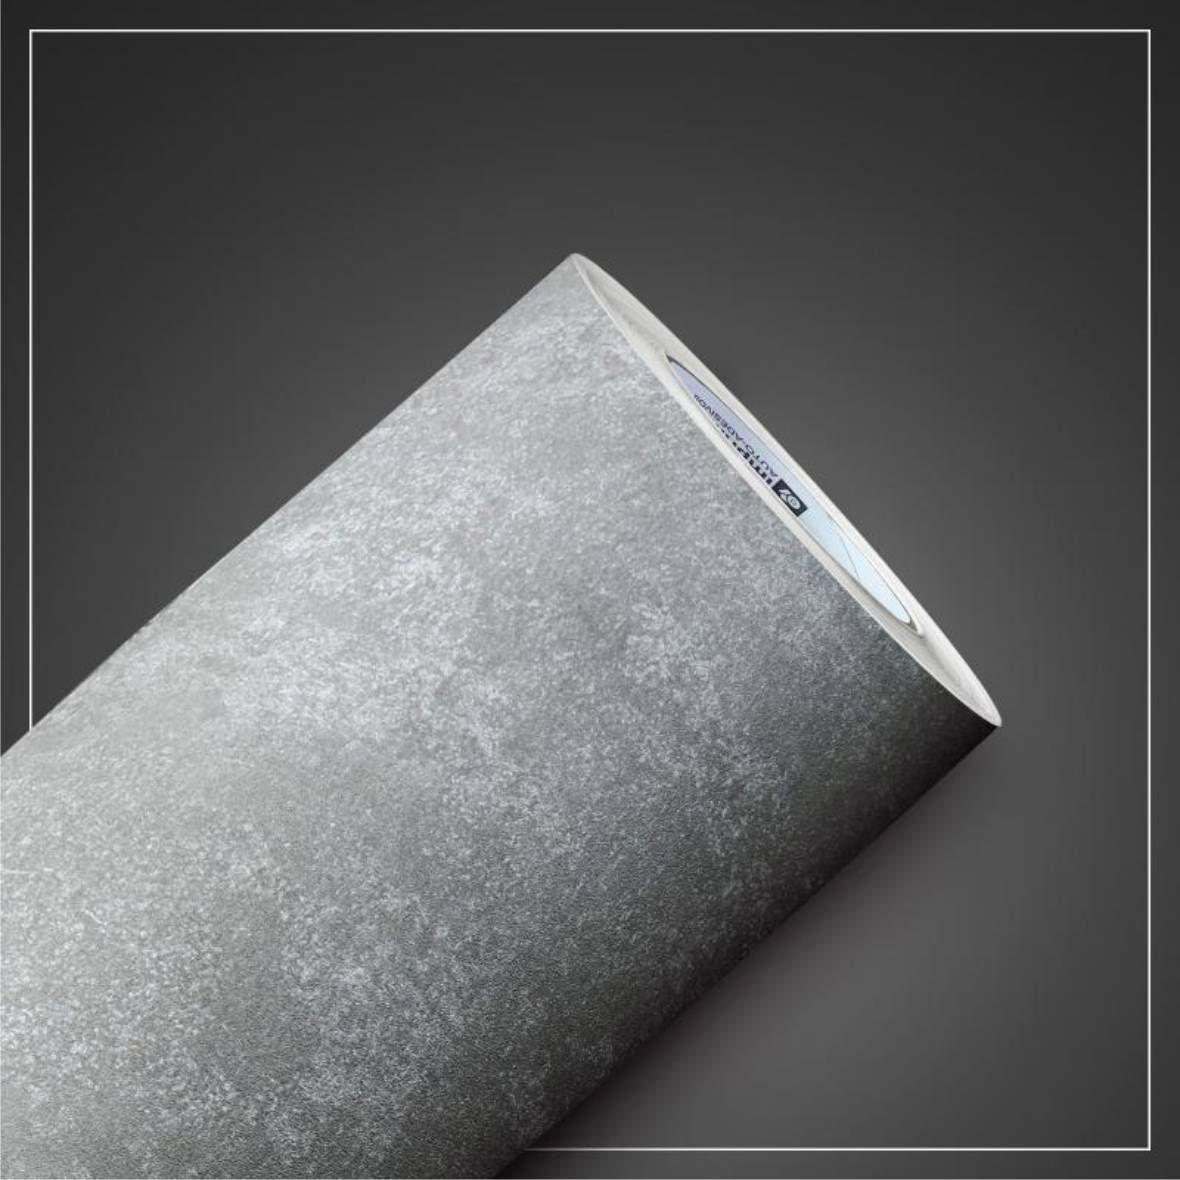 00027 Gold Pedras - Adesivo Decorativo de parede - 60cm larg  - FAC Signs Impressão Digital